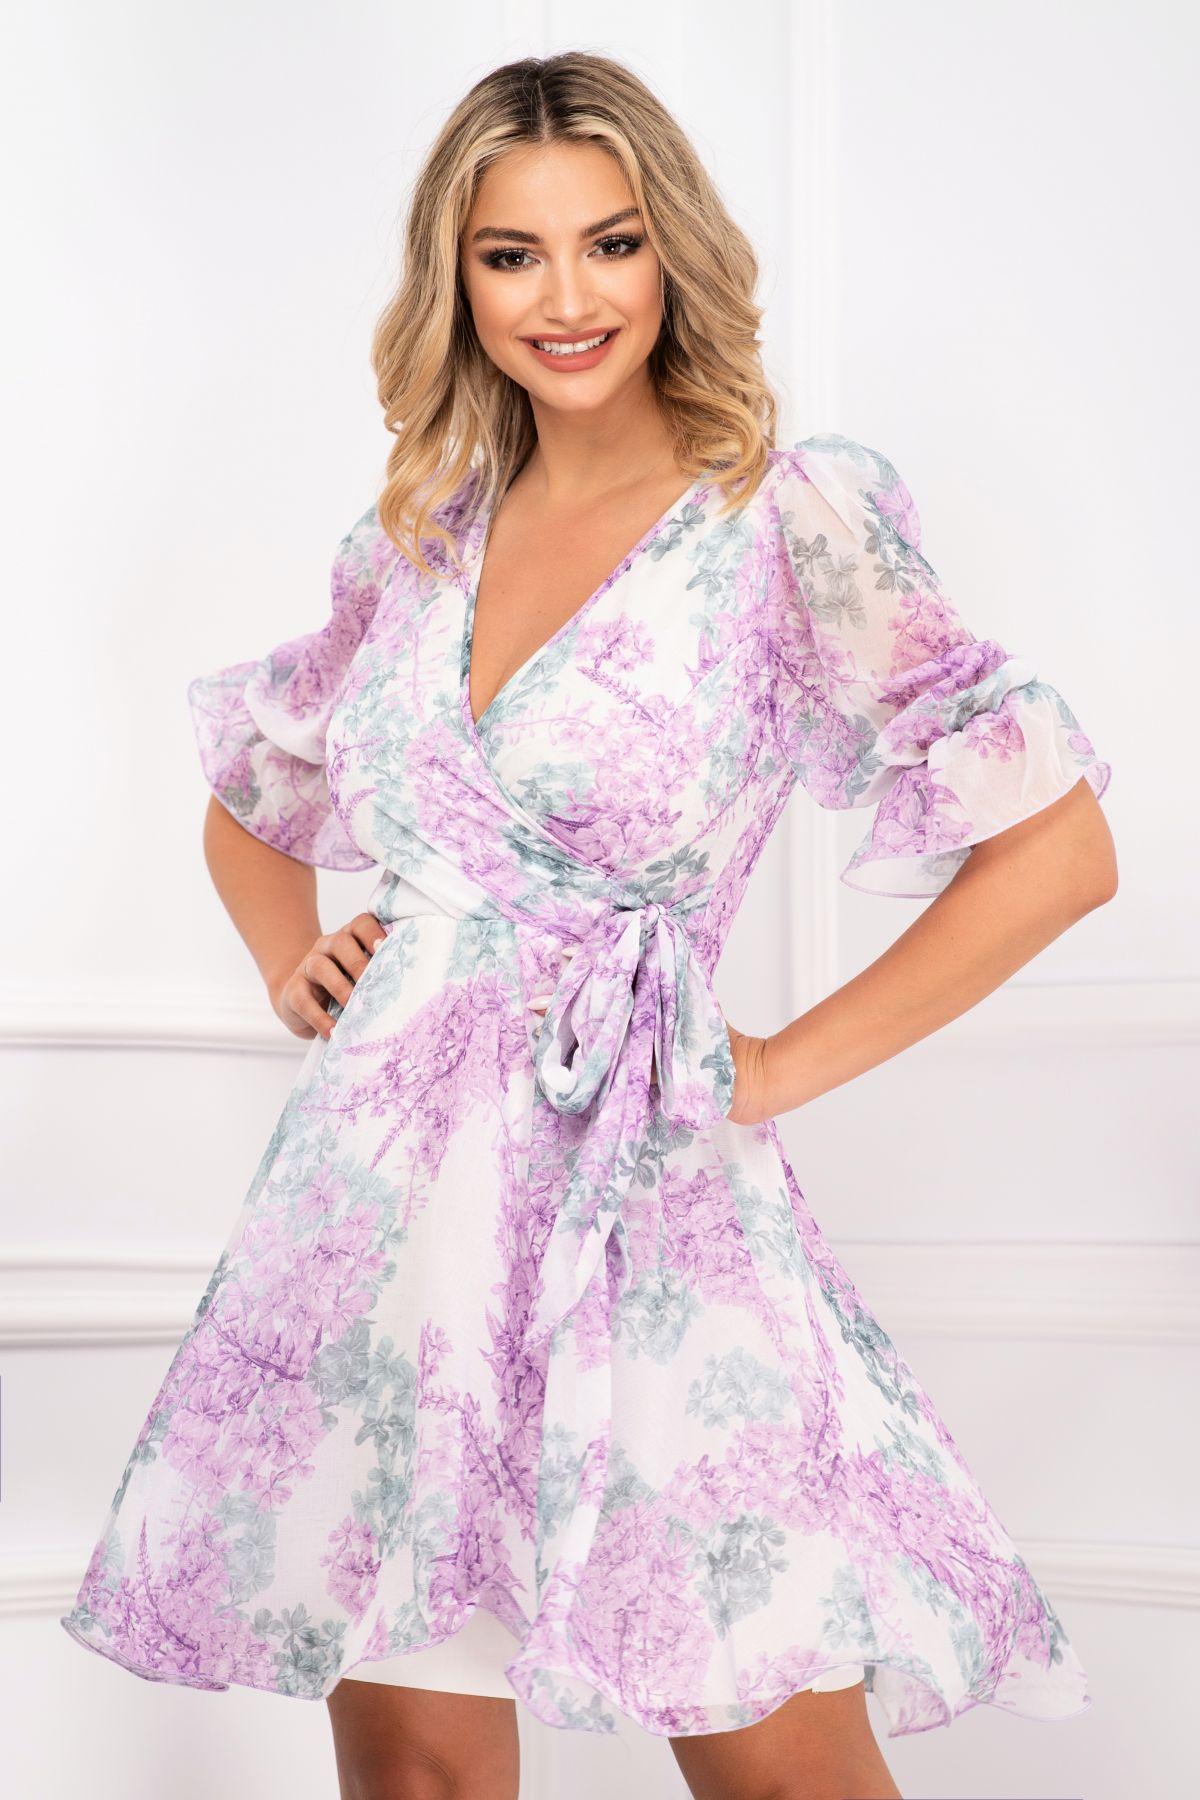 Rochie de vara in clos cu volane la maneci si flori lila de liliac